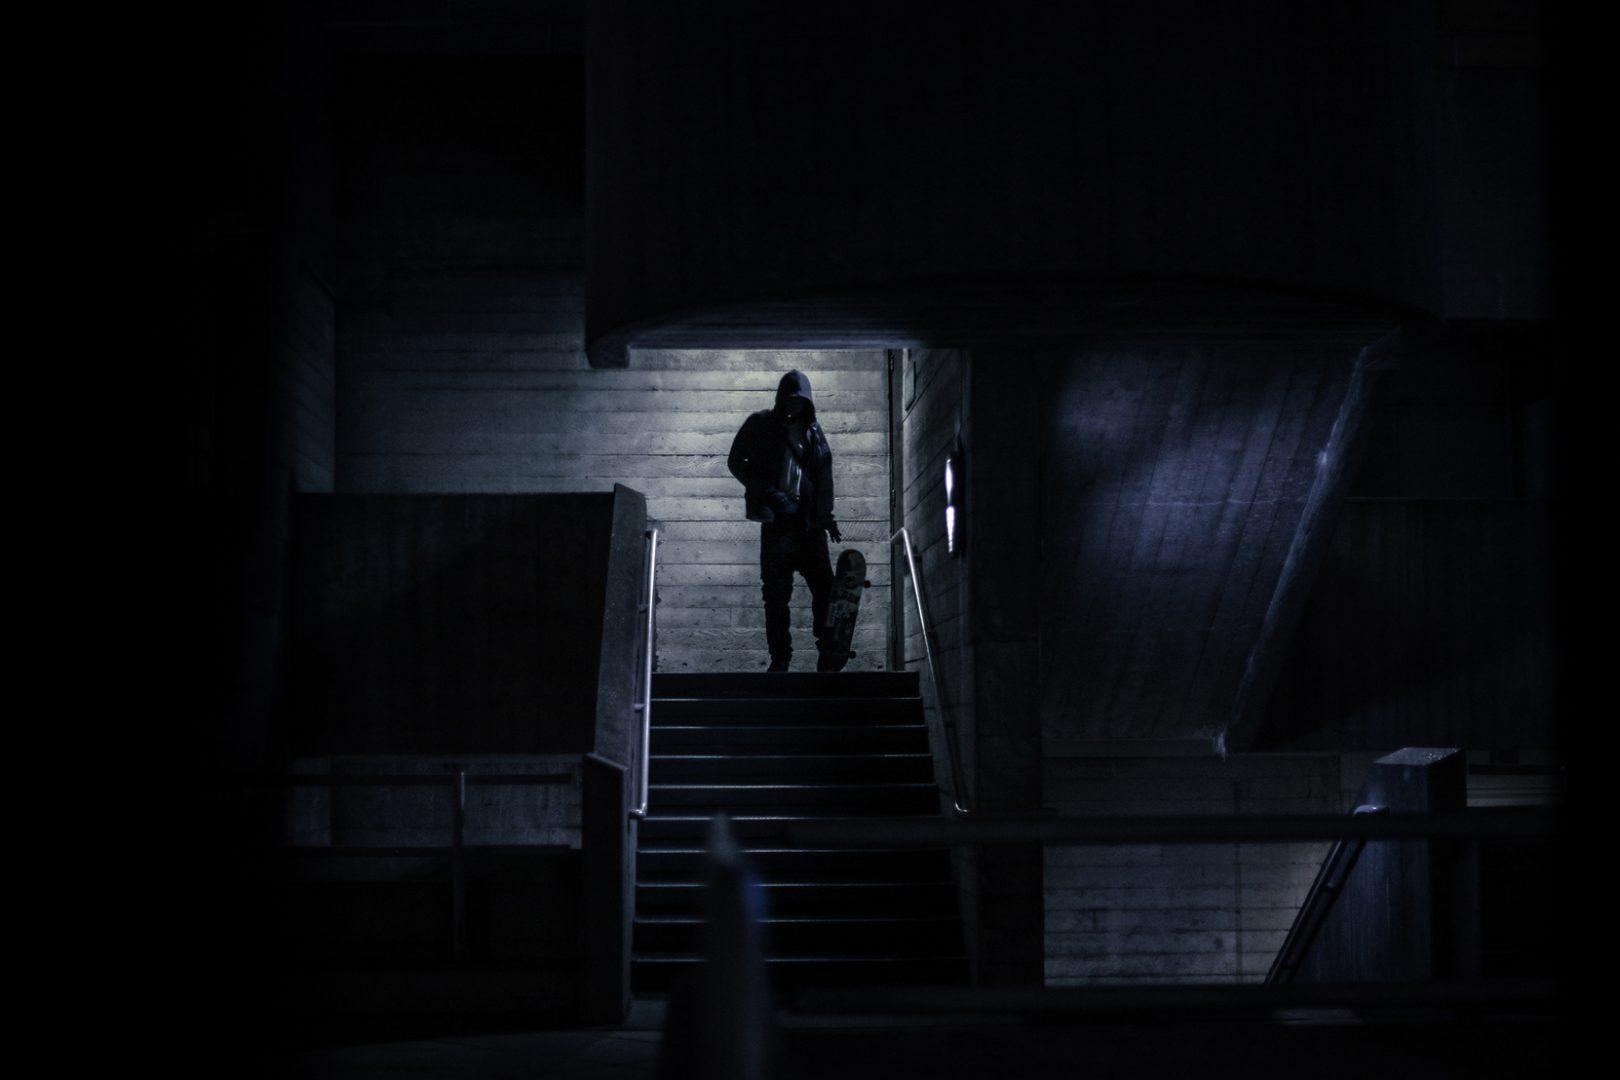 In the Dark Of The Night, il progetto fotografico di Edo Zollo